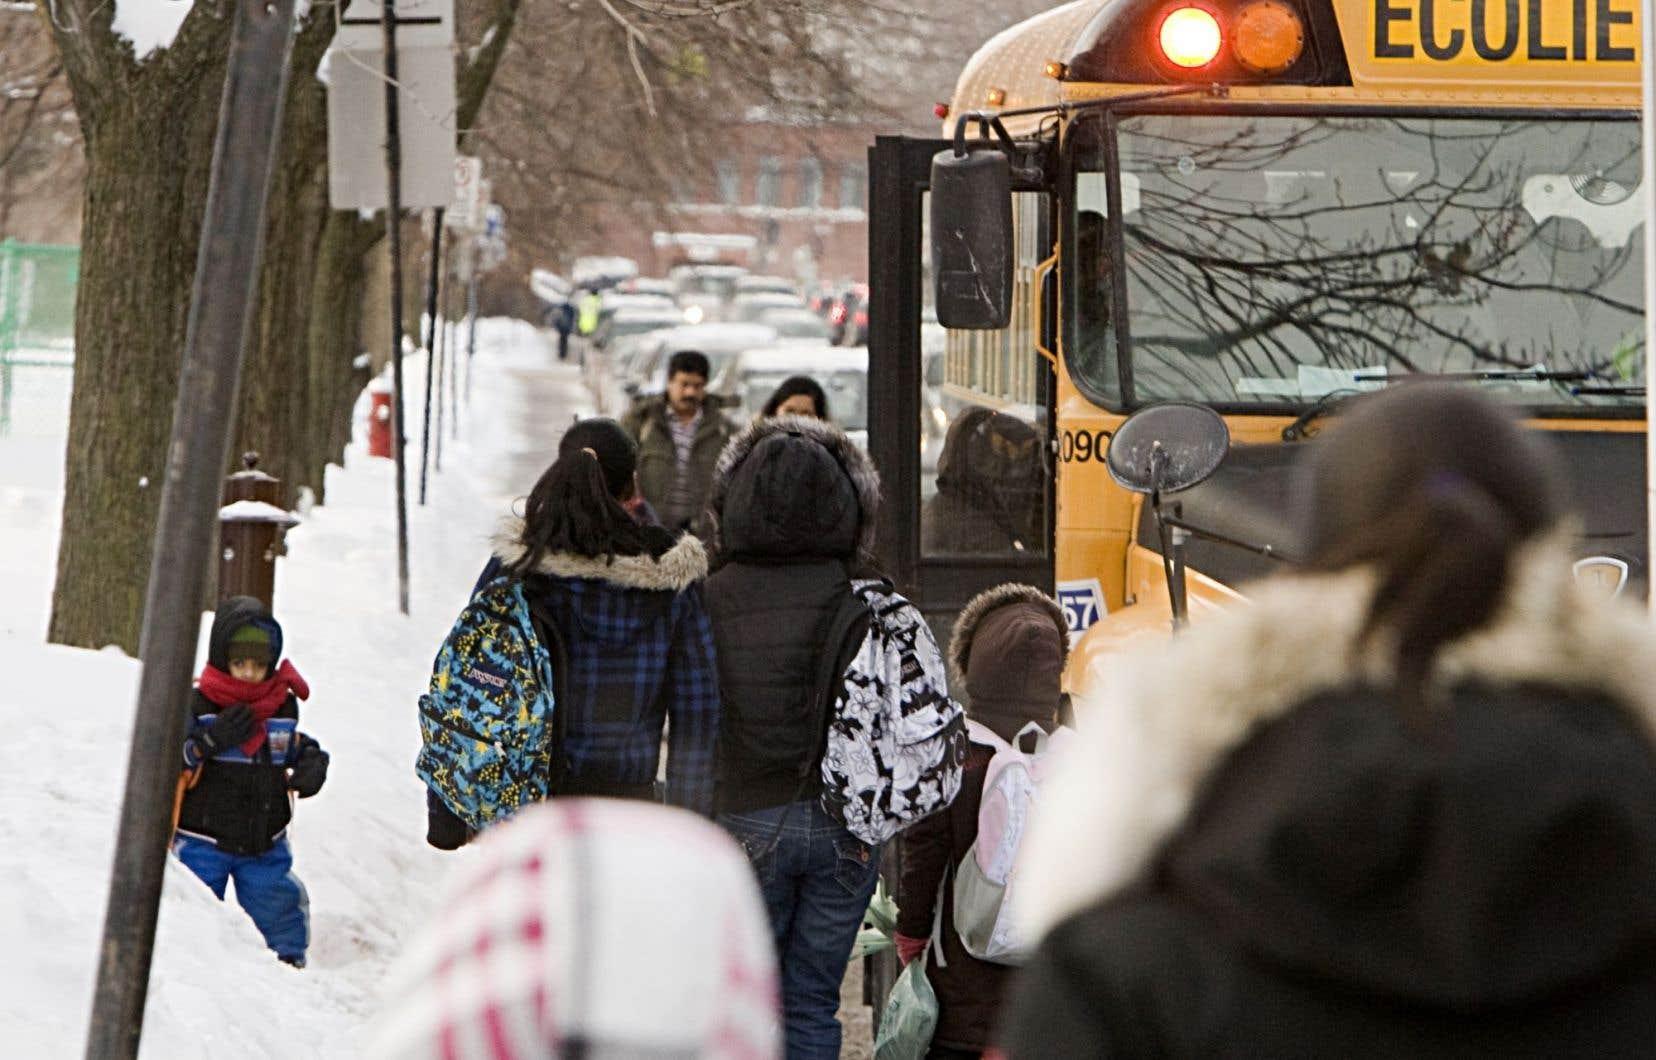 Près de 300 élèves de Notre-Dame-de-Grâce (NDG) devront parcourir une quinzaine de kilomètres de plus en autobus pour se rendre dans d'autres écoles, dès le mois de septembre prochain.